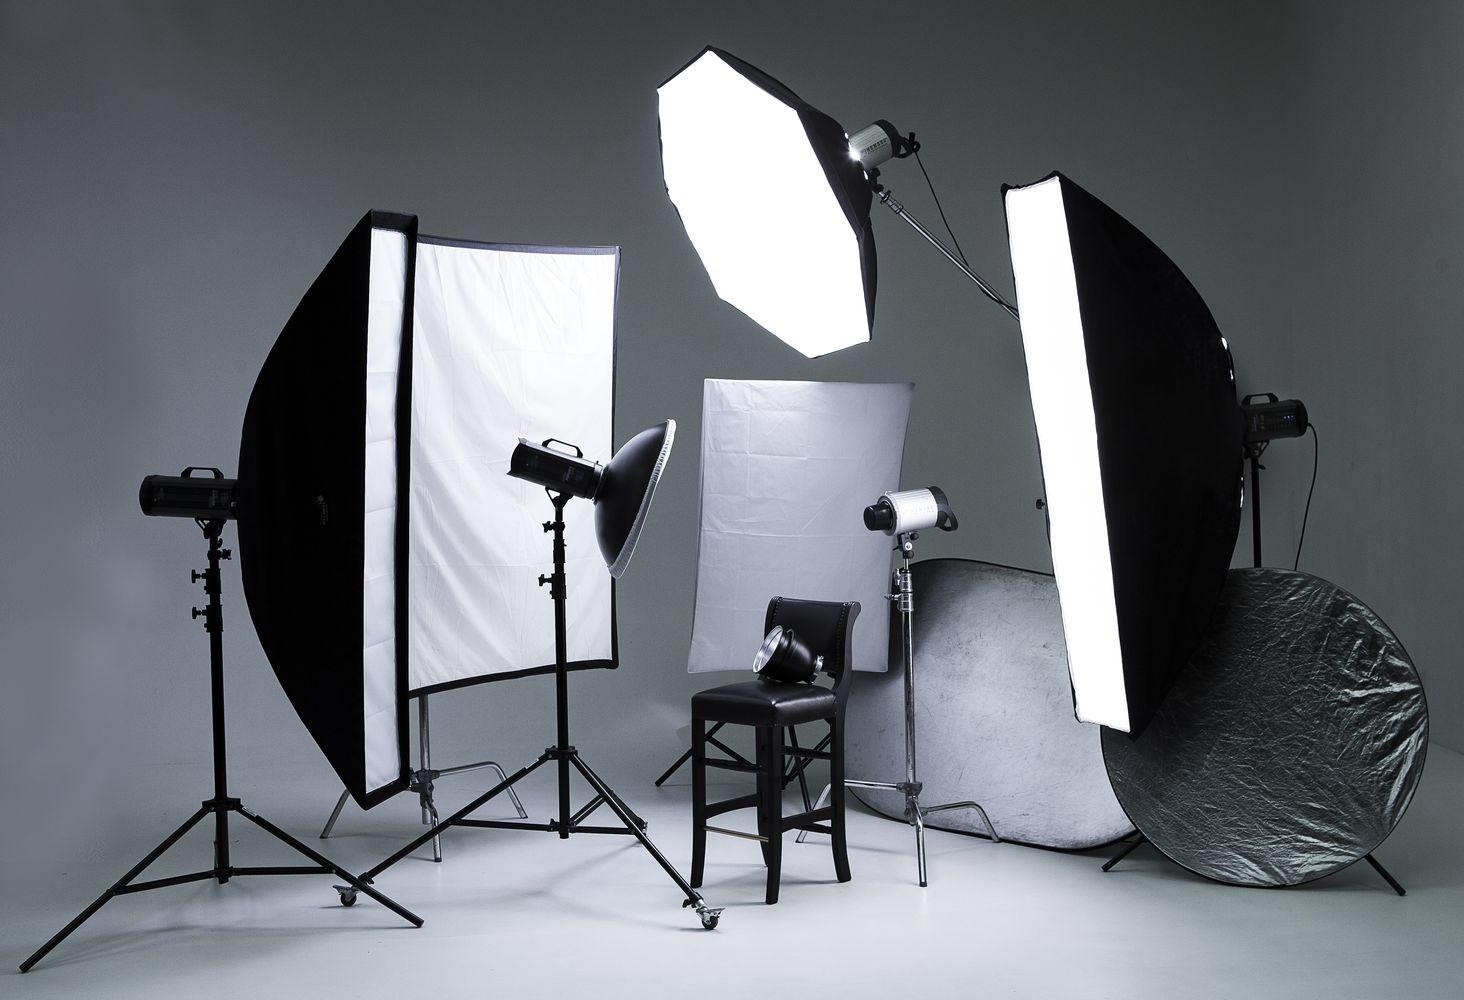 каждой студийная фотосессия оборудование как работает меня